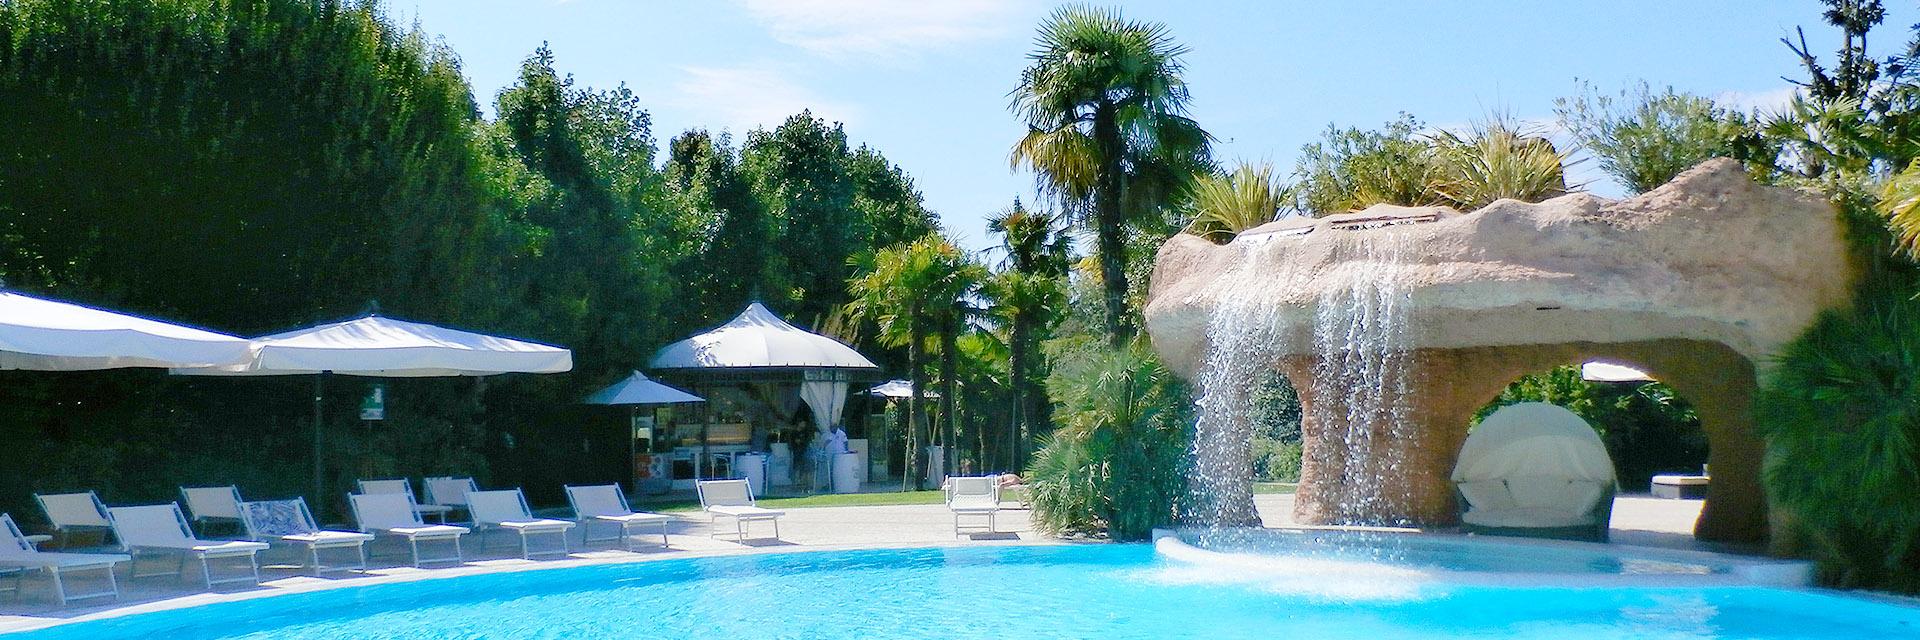 tamarit resort park